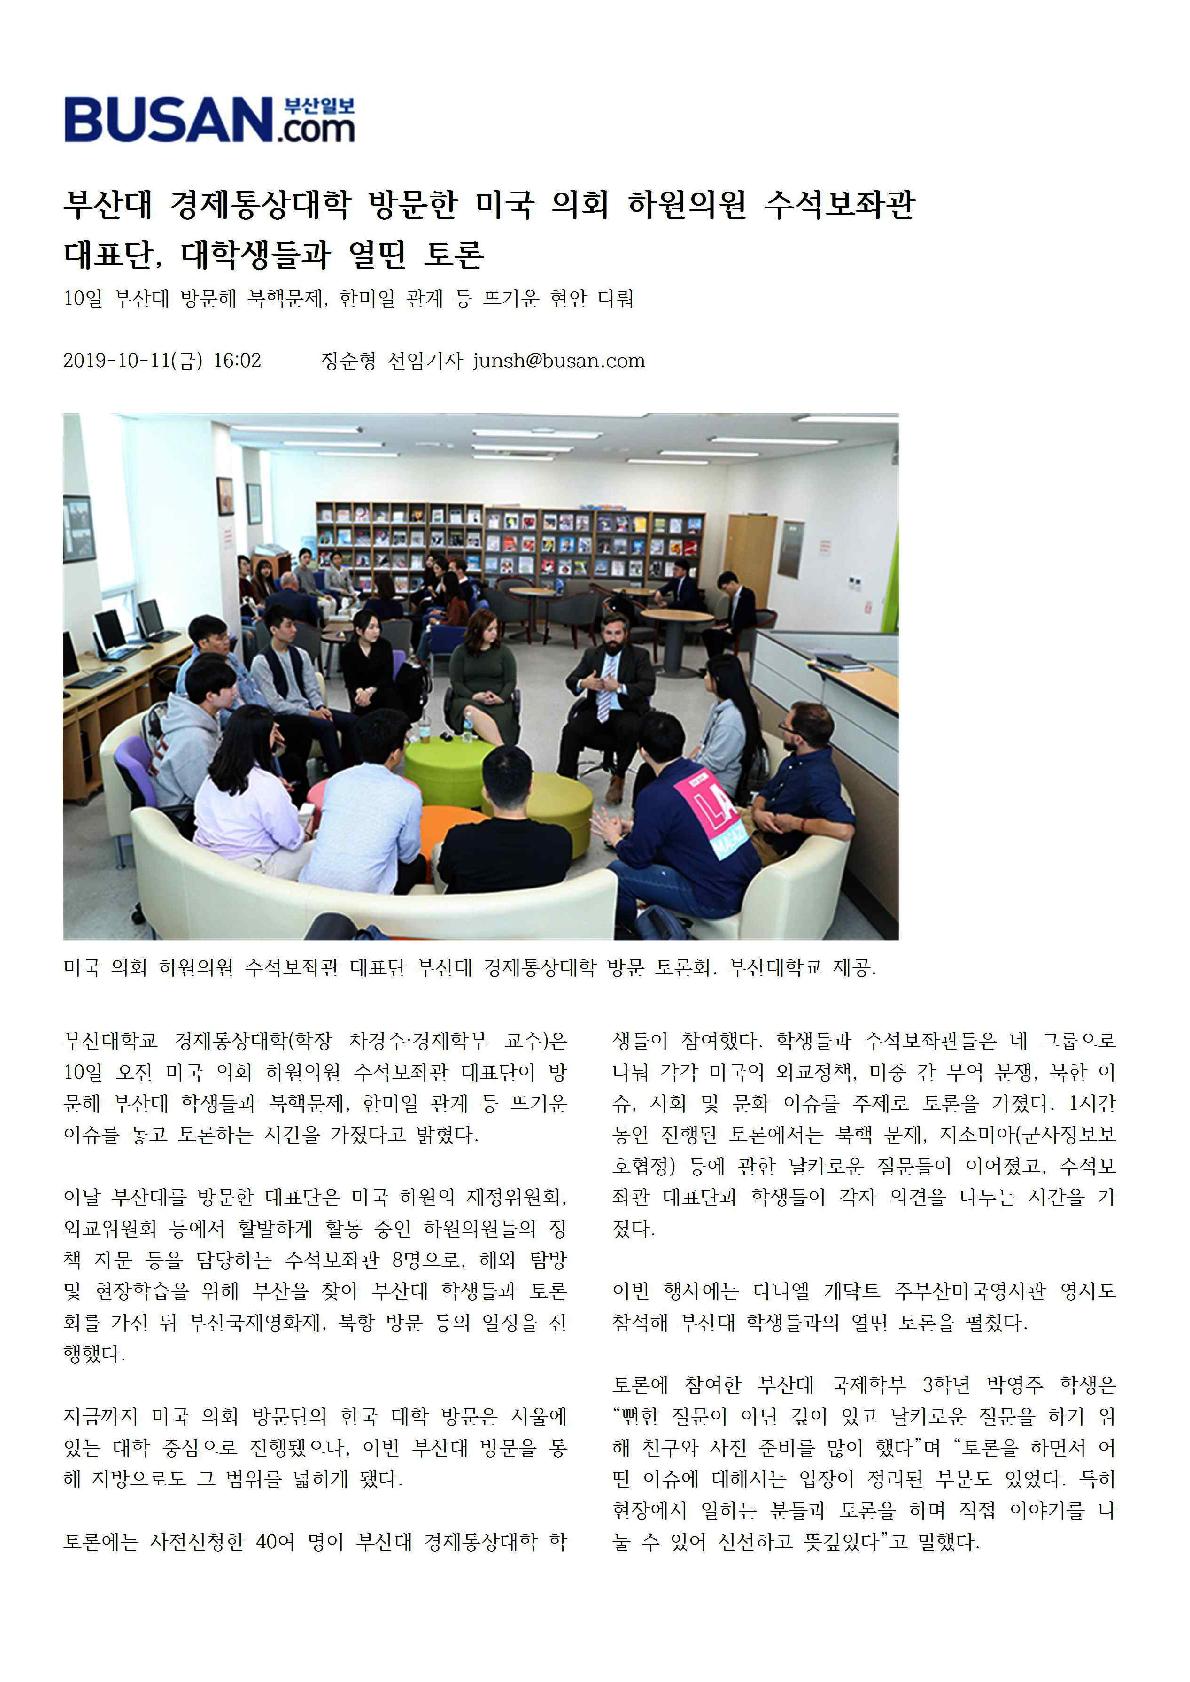 언론보도_부산일보.png